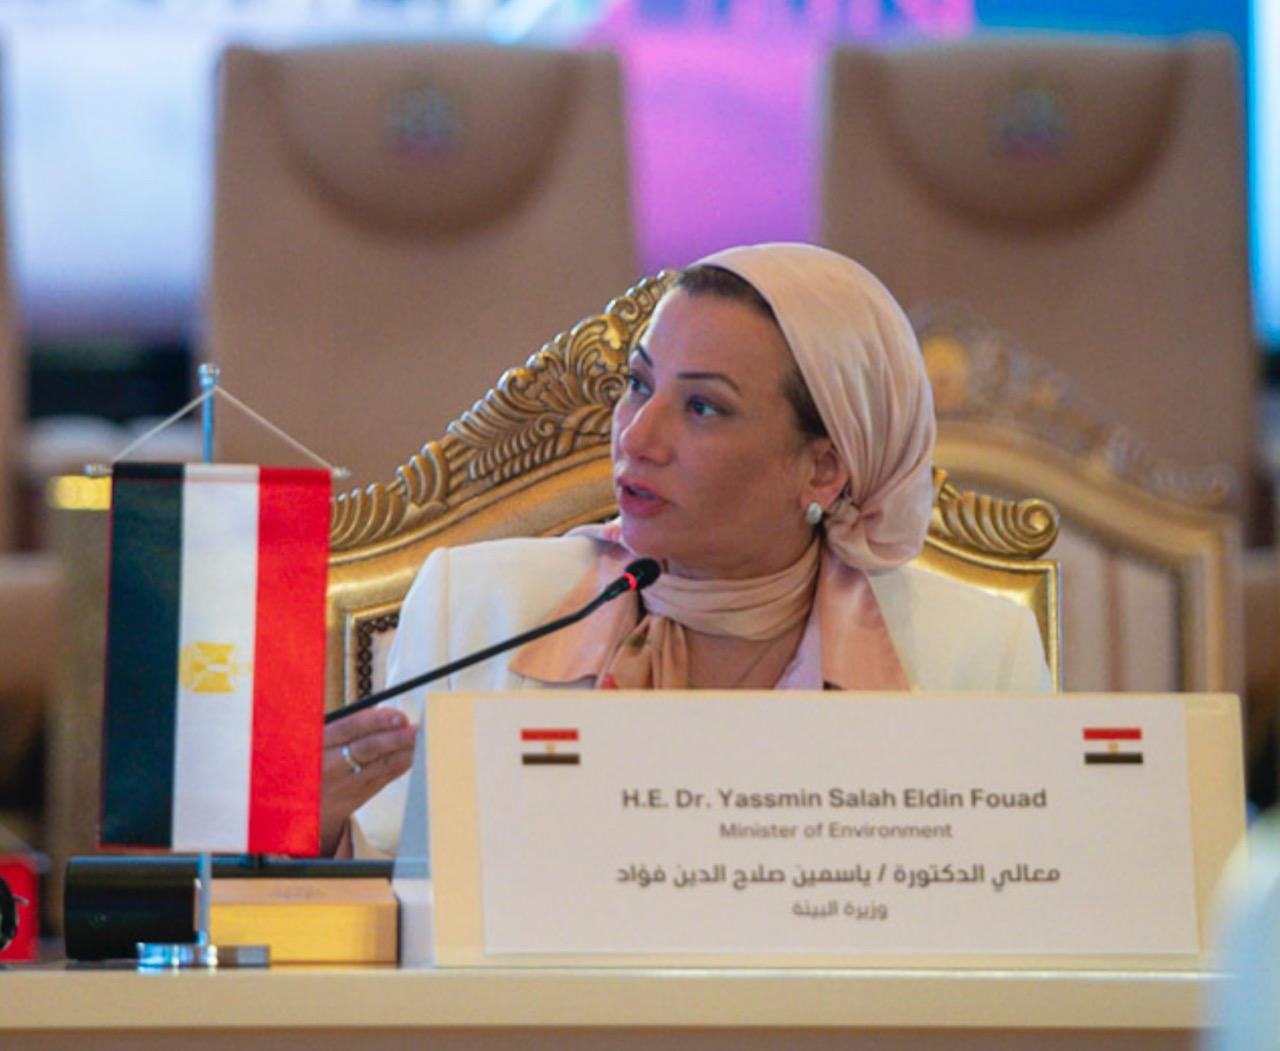 وزيرة البيئة : مصر إتخذت خطوات حقيقية لتغيير السياسات للتصدى لتغير المناخ